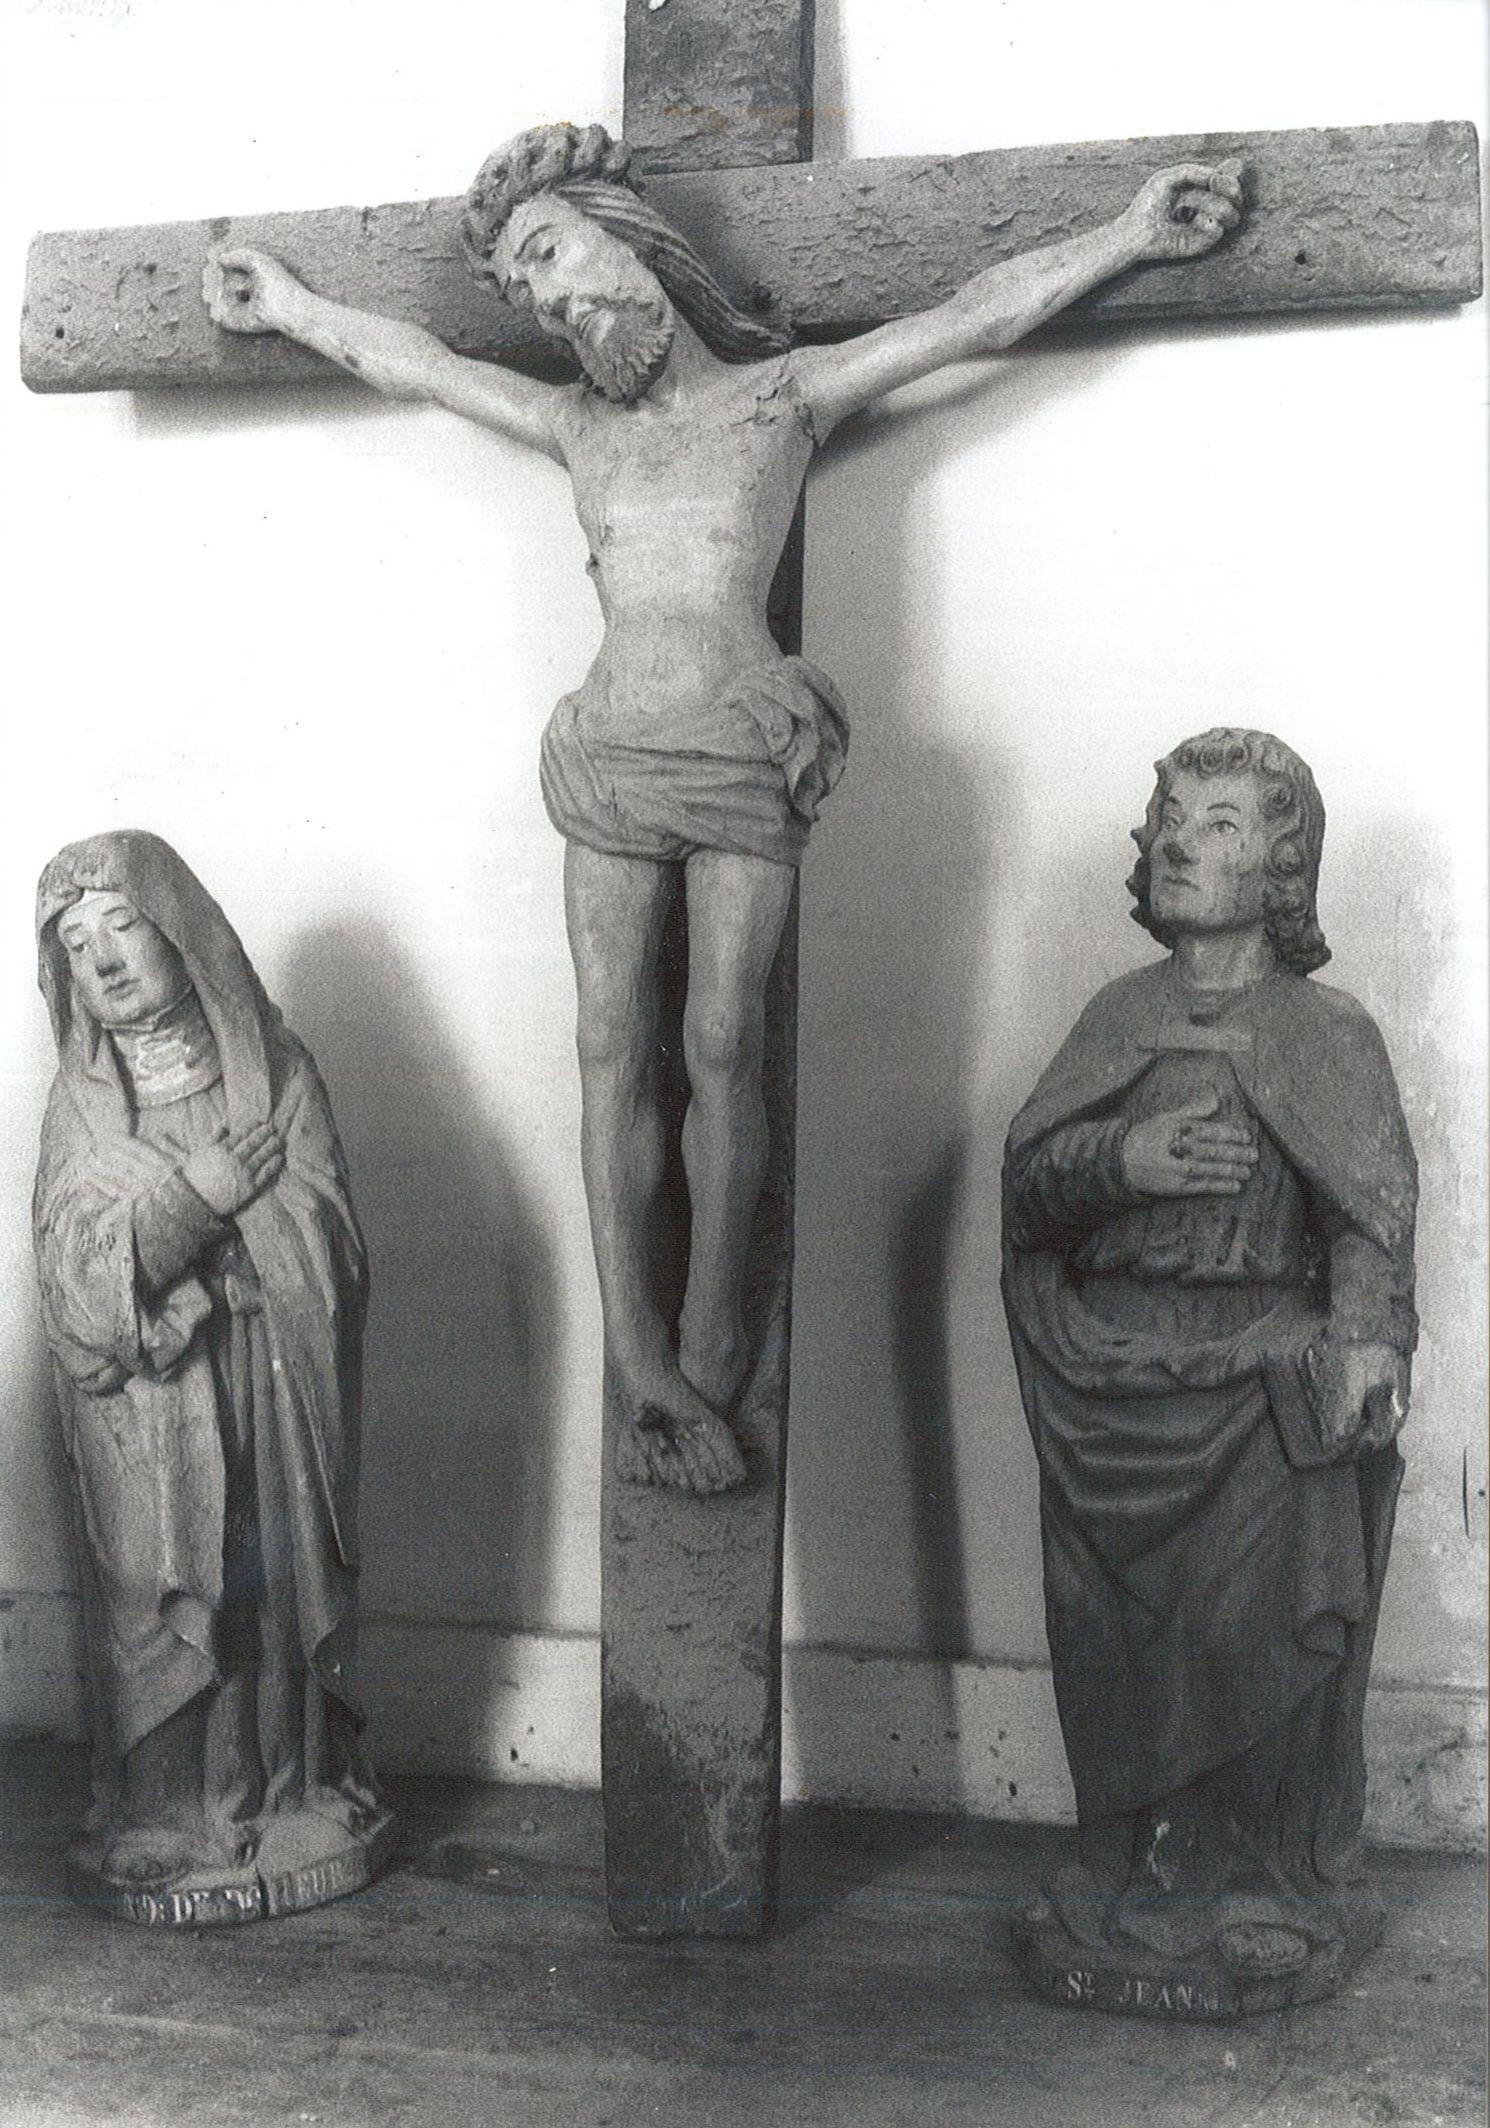 Trois statues de la poutre de gloire : Christ en croix, Vierge dite Notre-Dame de Douleur et Saint Jean